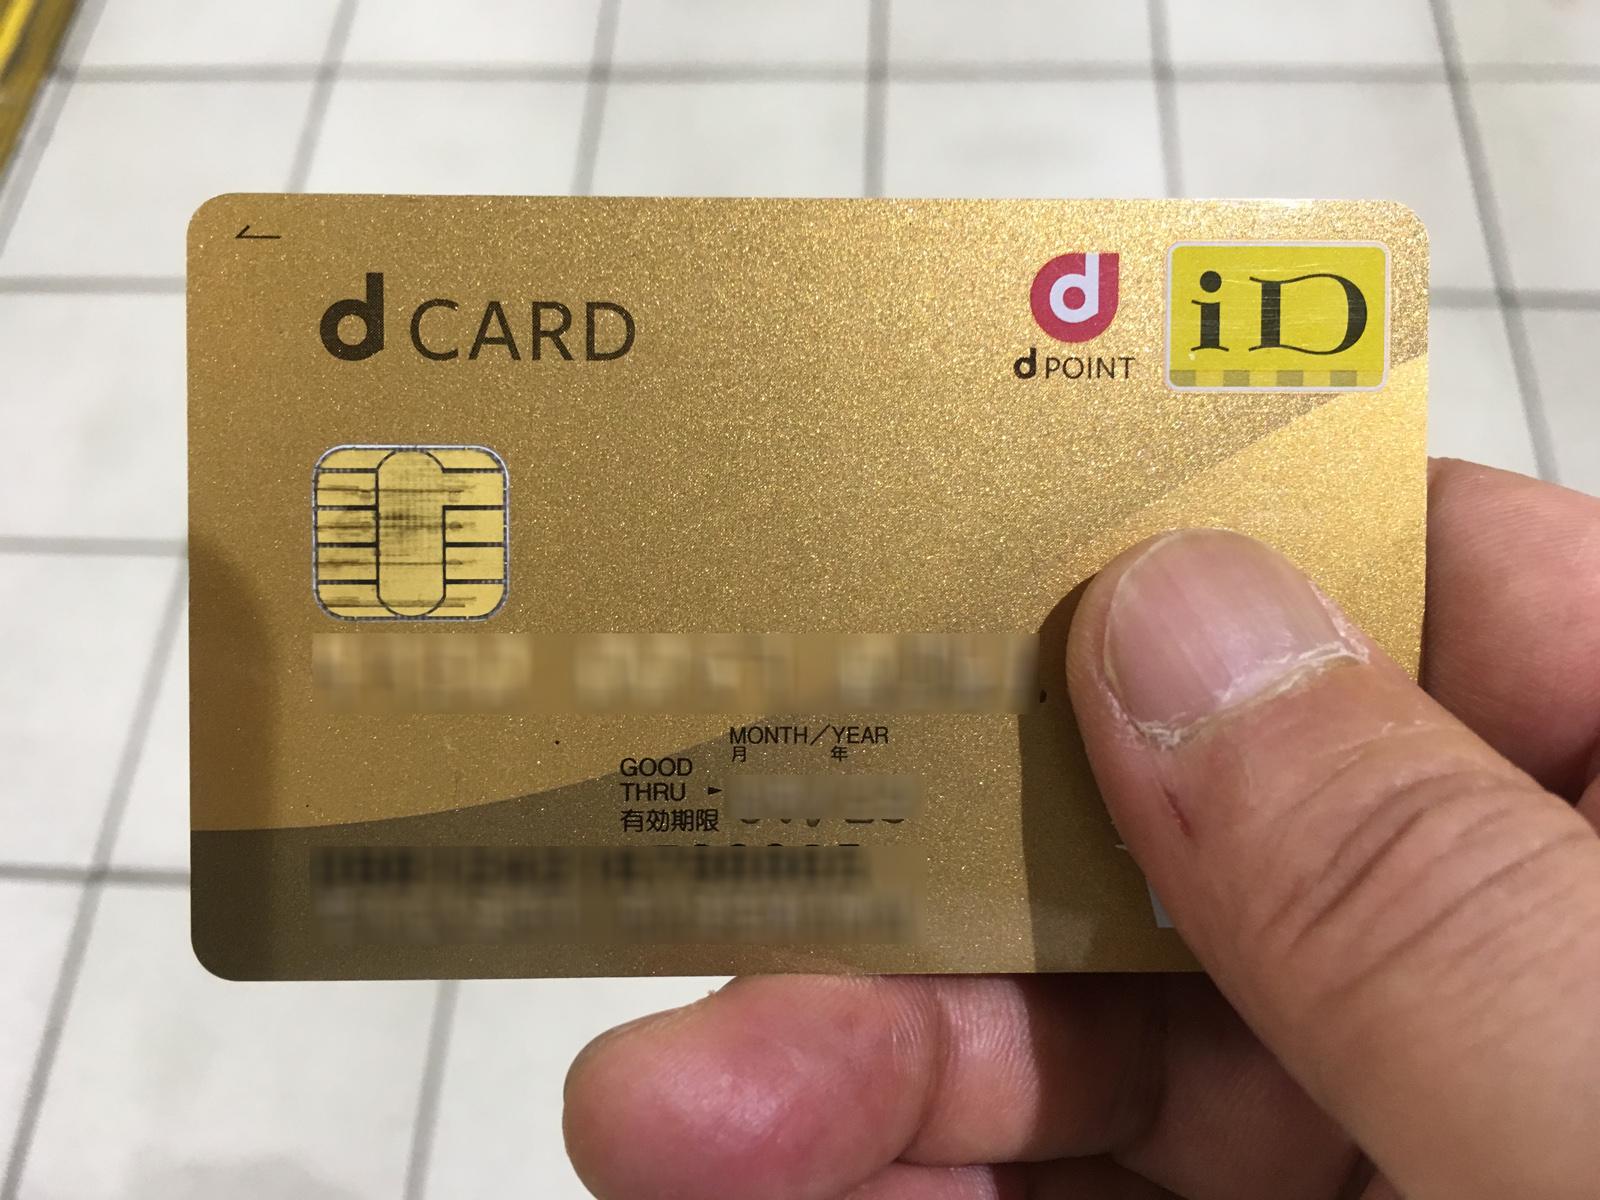 払い d カード id